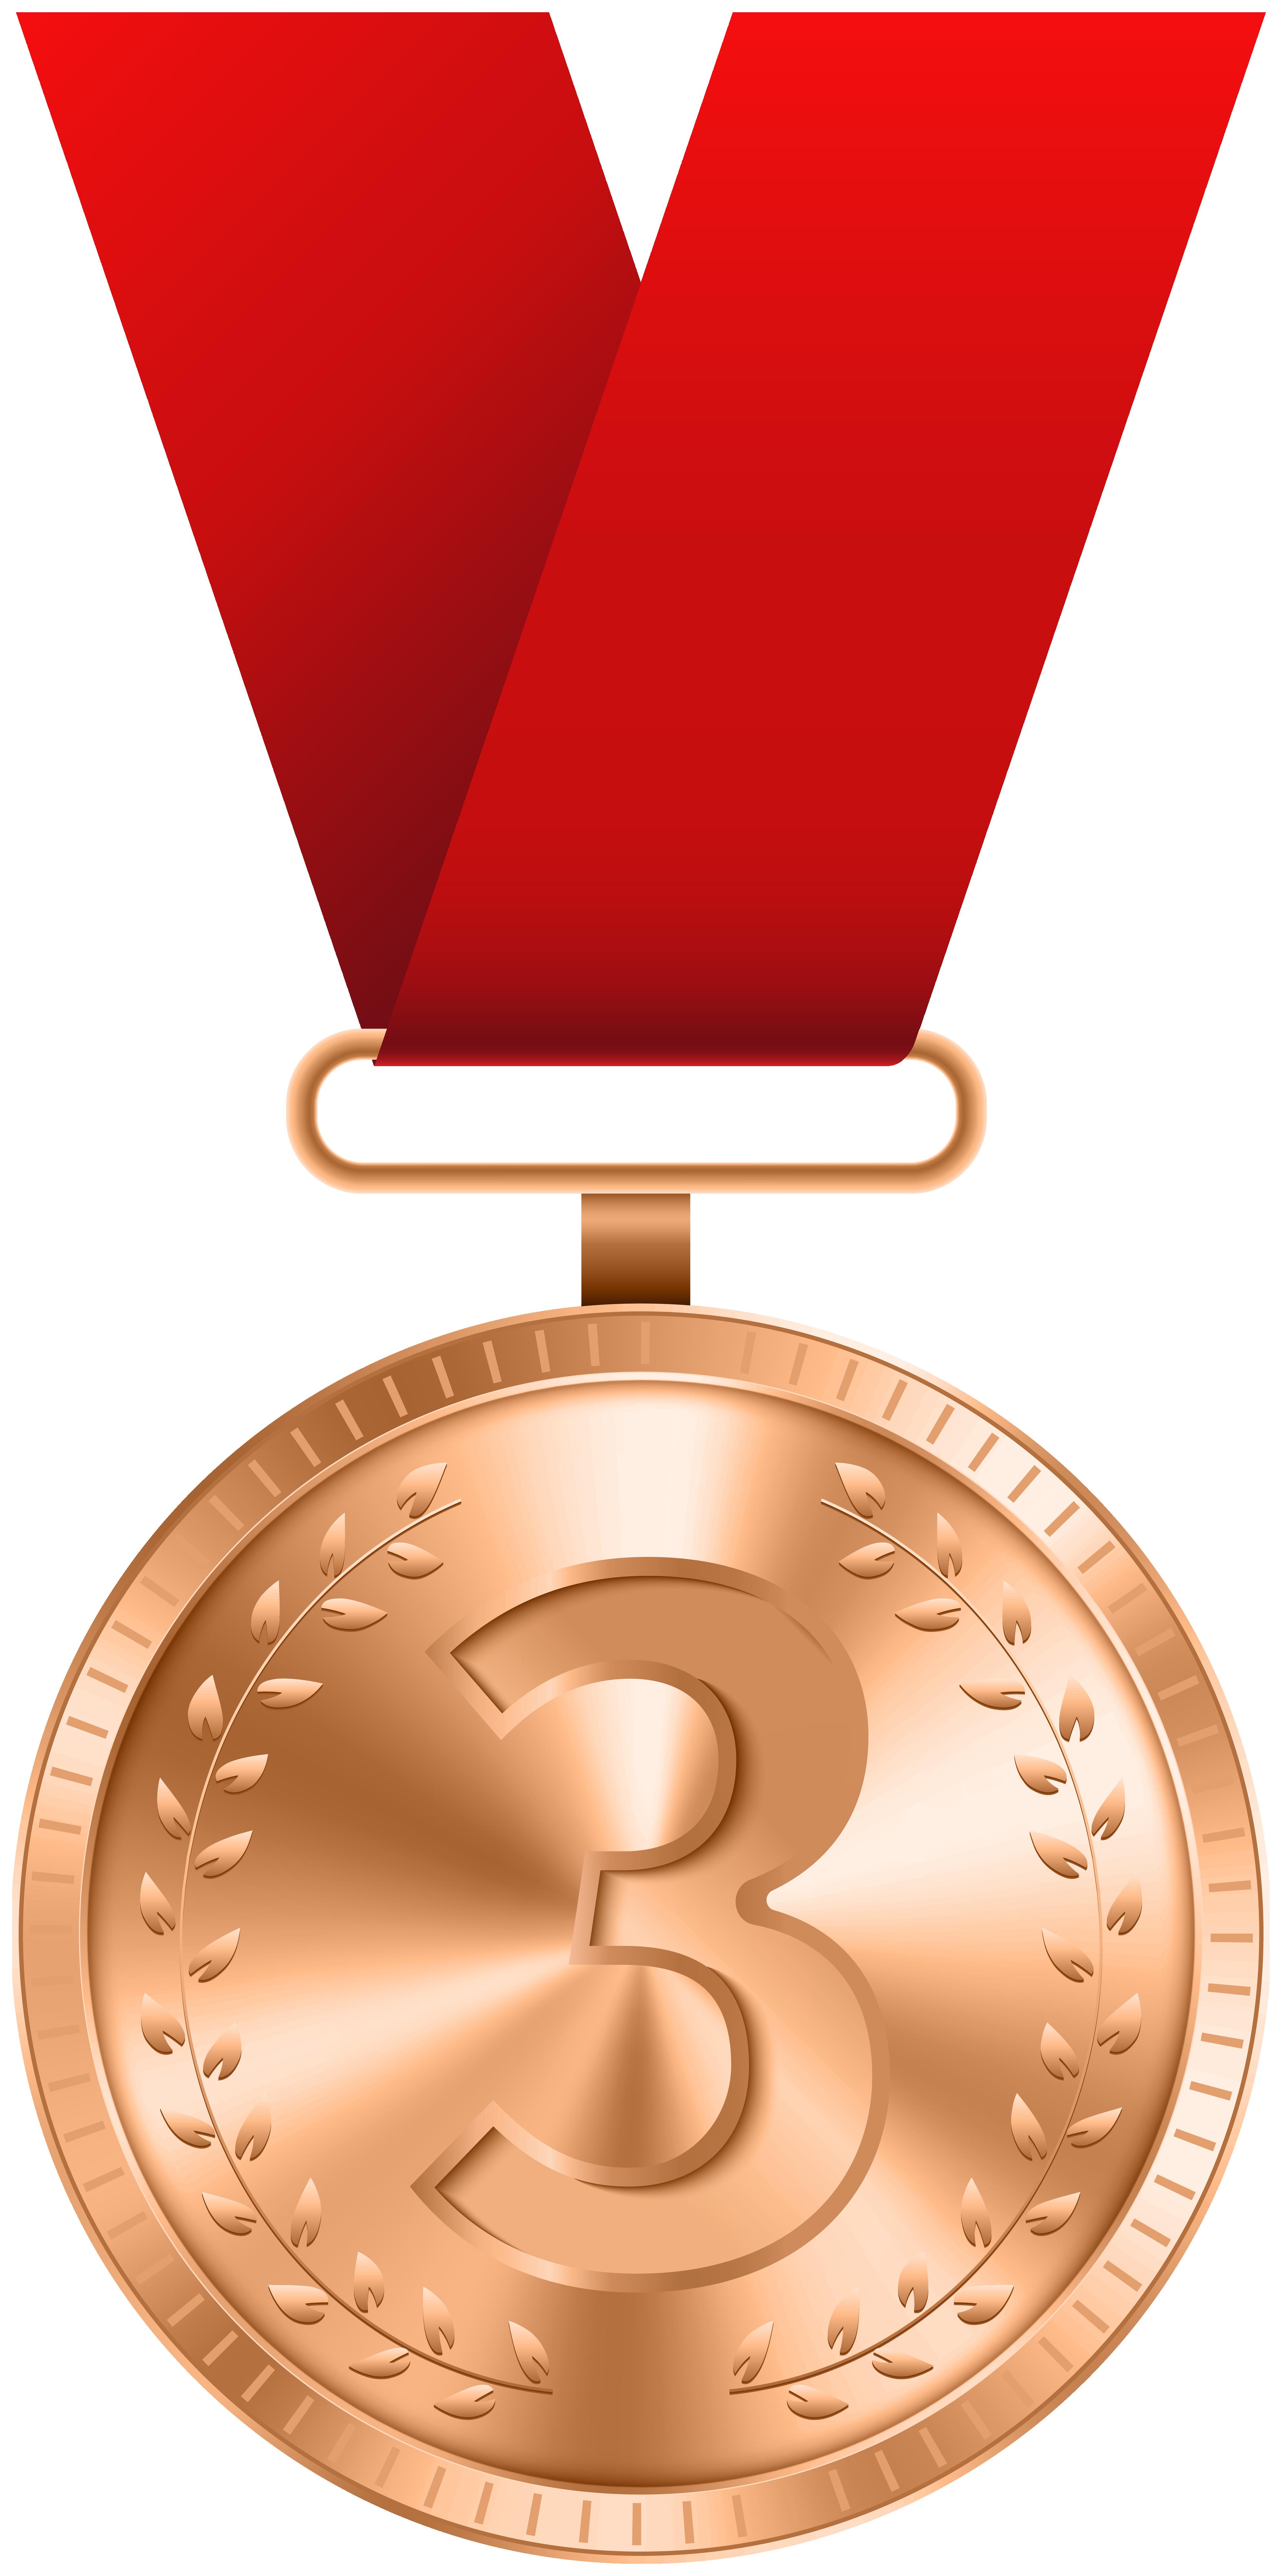 Bronze Medal PNG Clip Art Image.